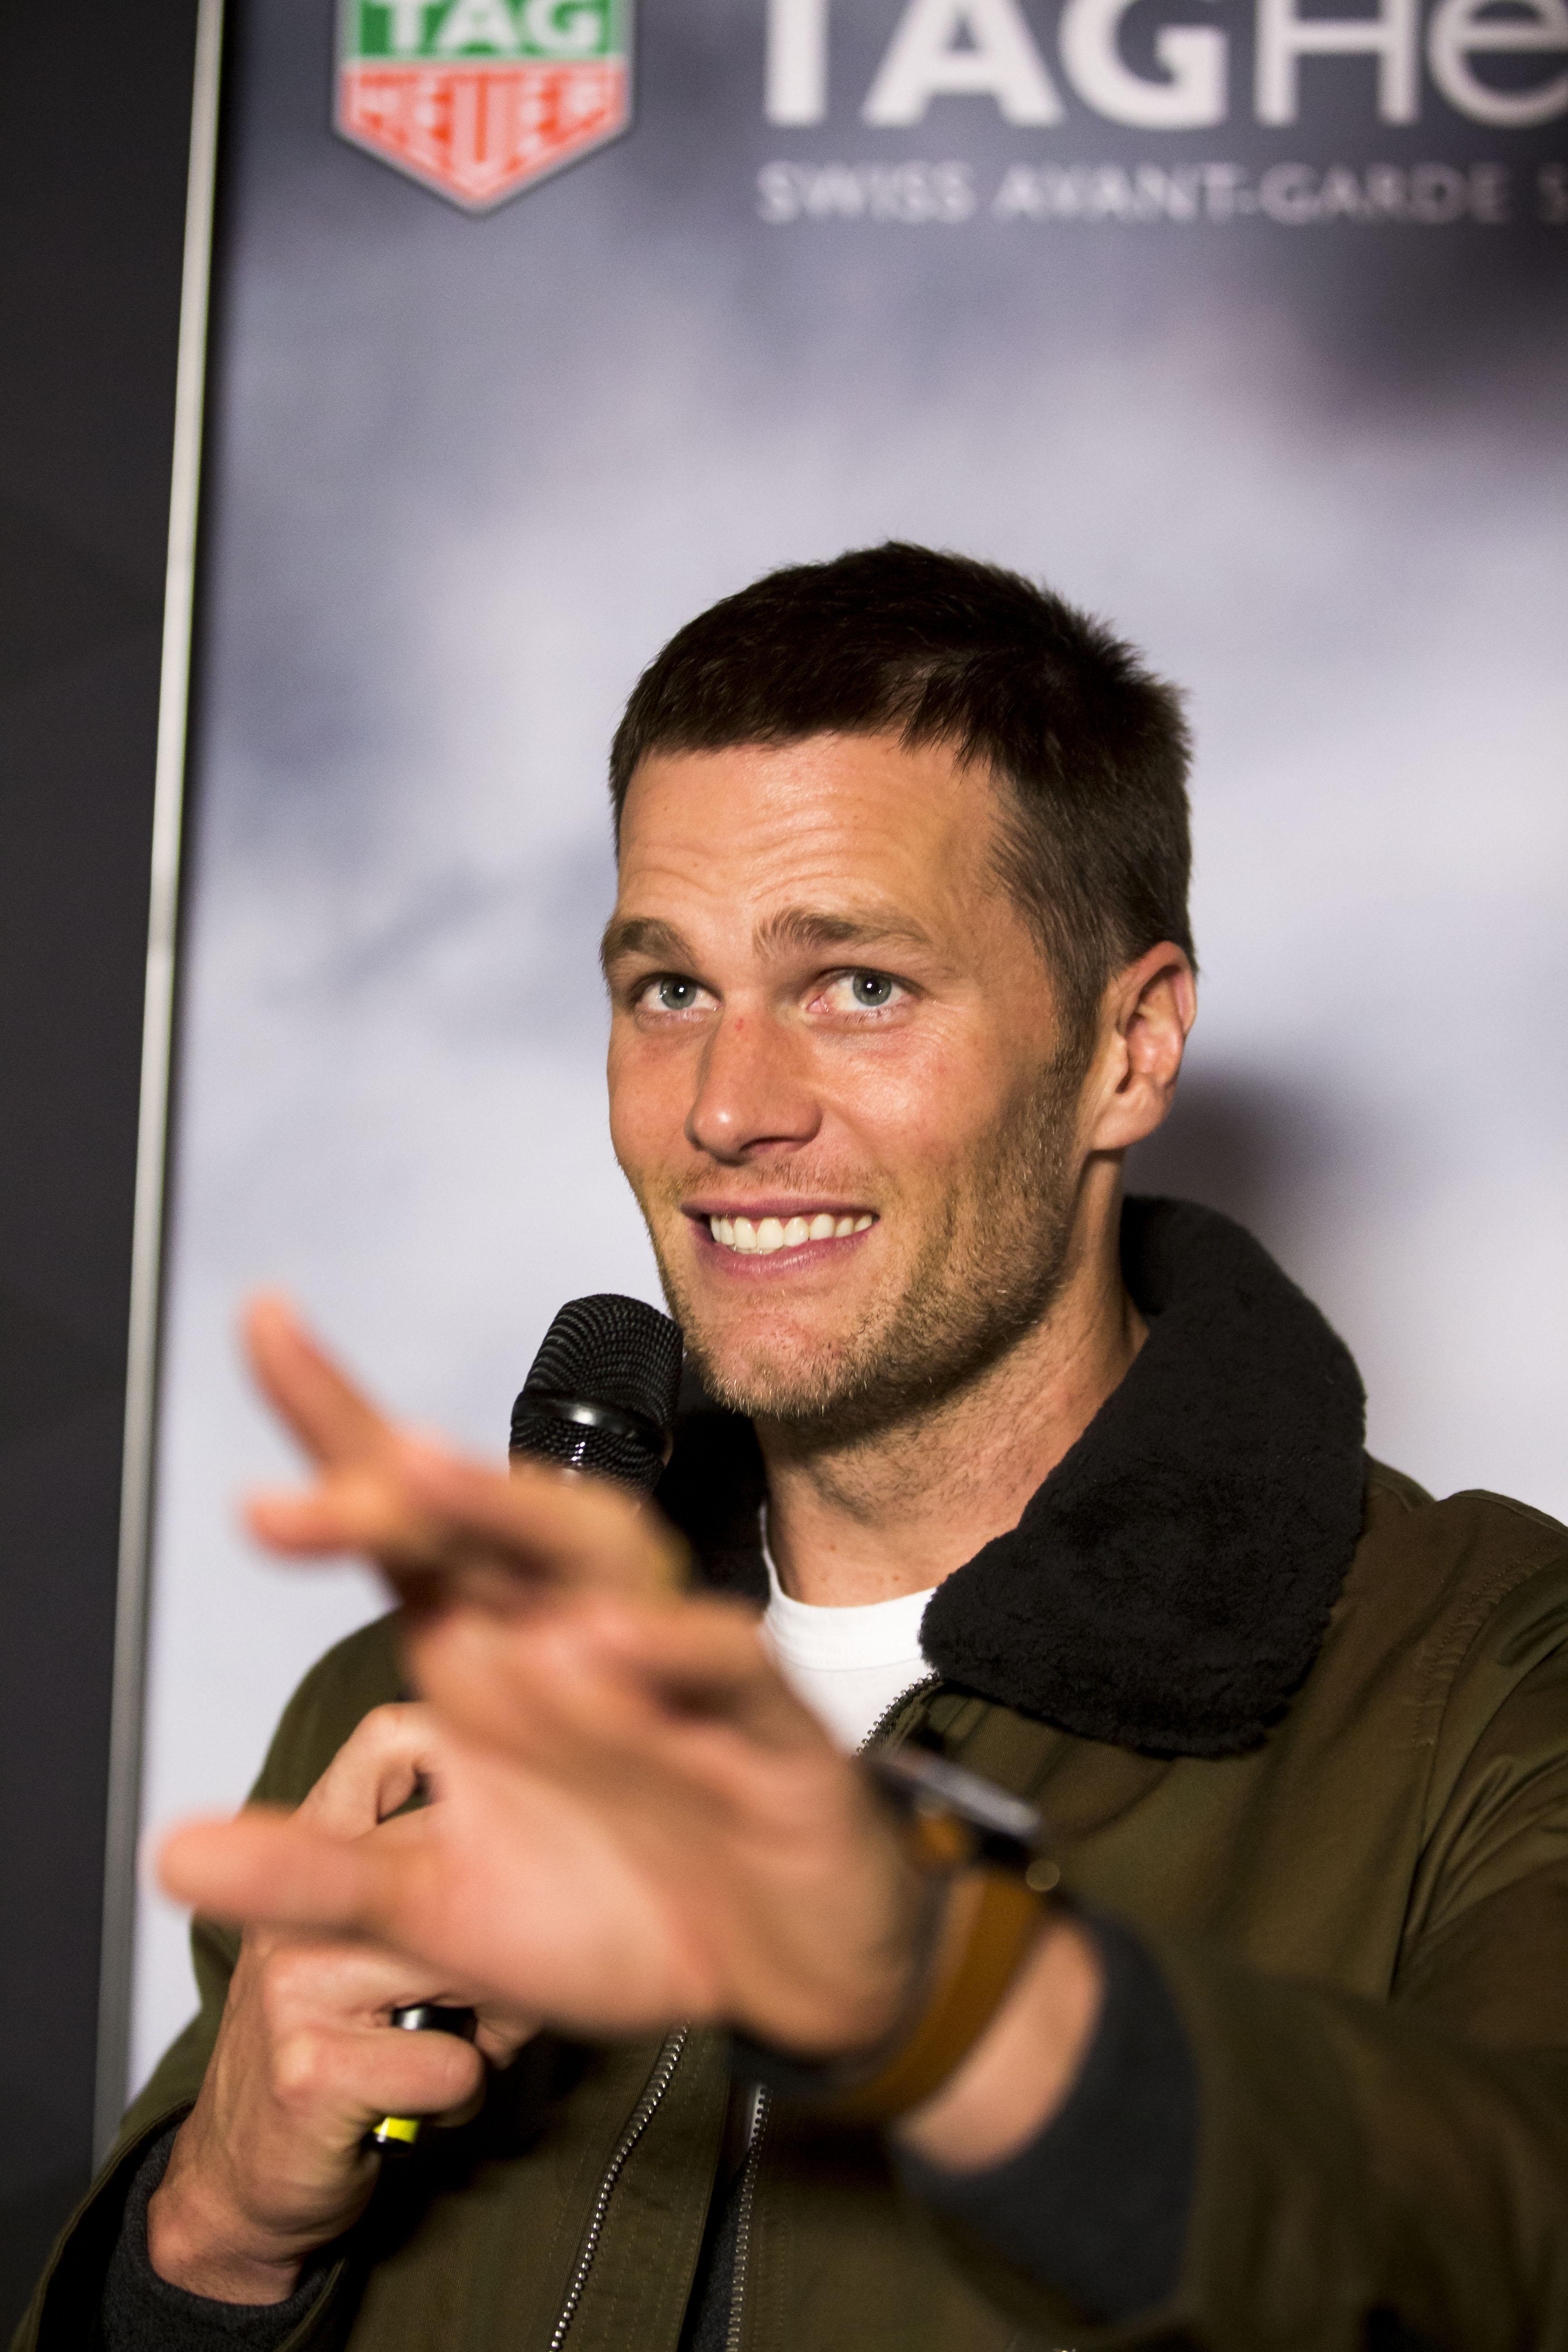 TAG Heuer sponsors Tom Brady.